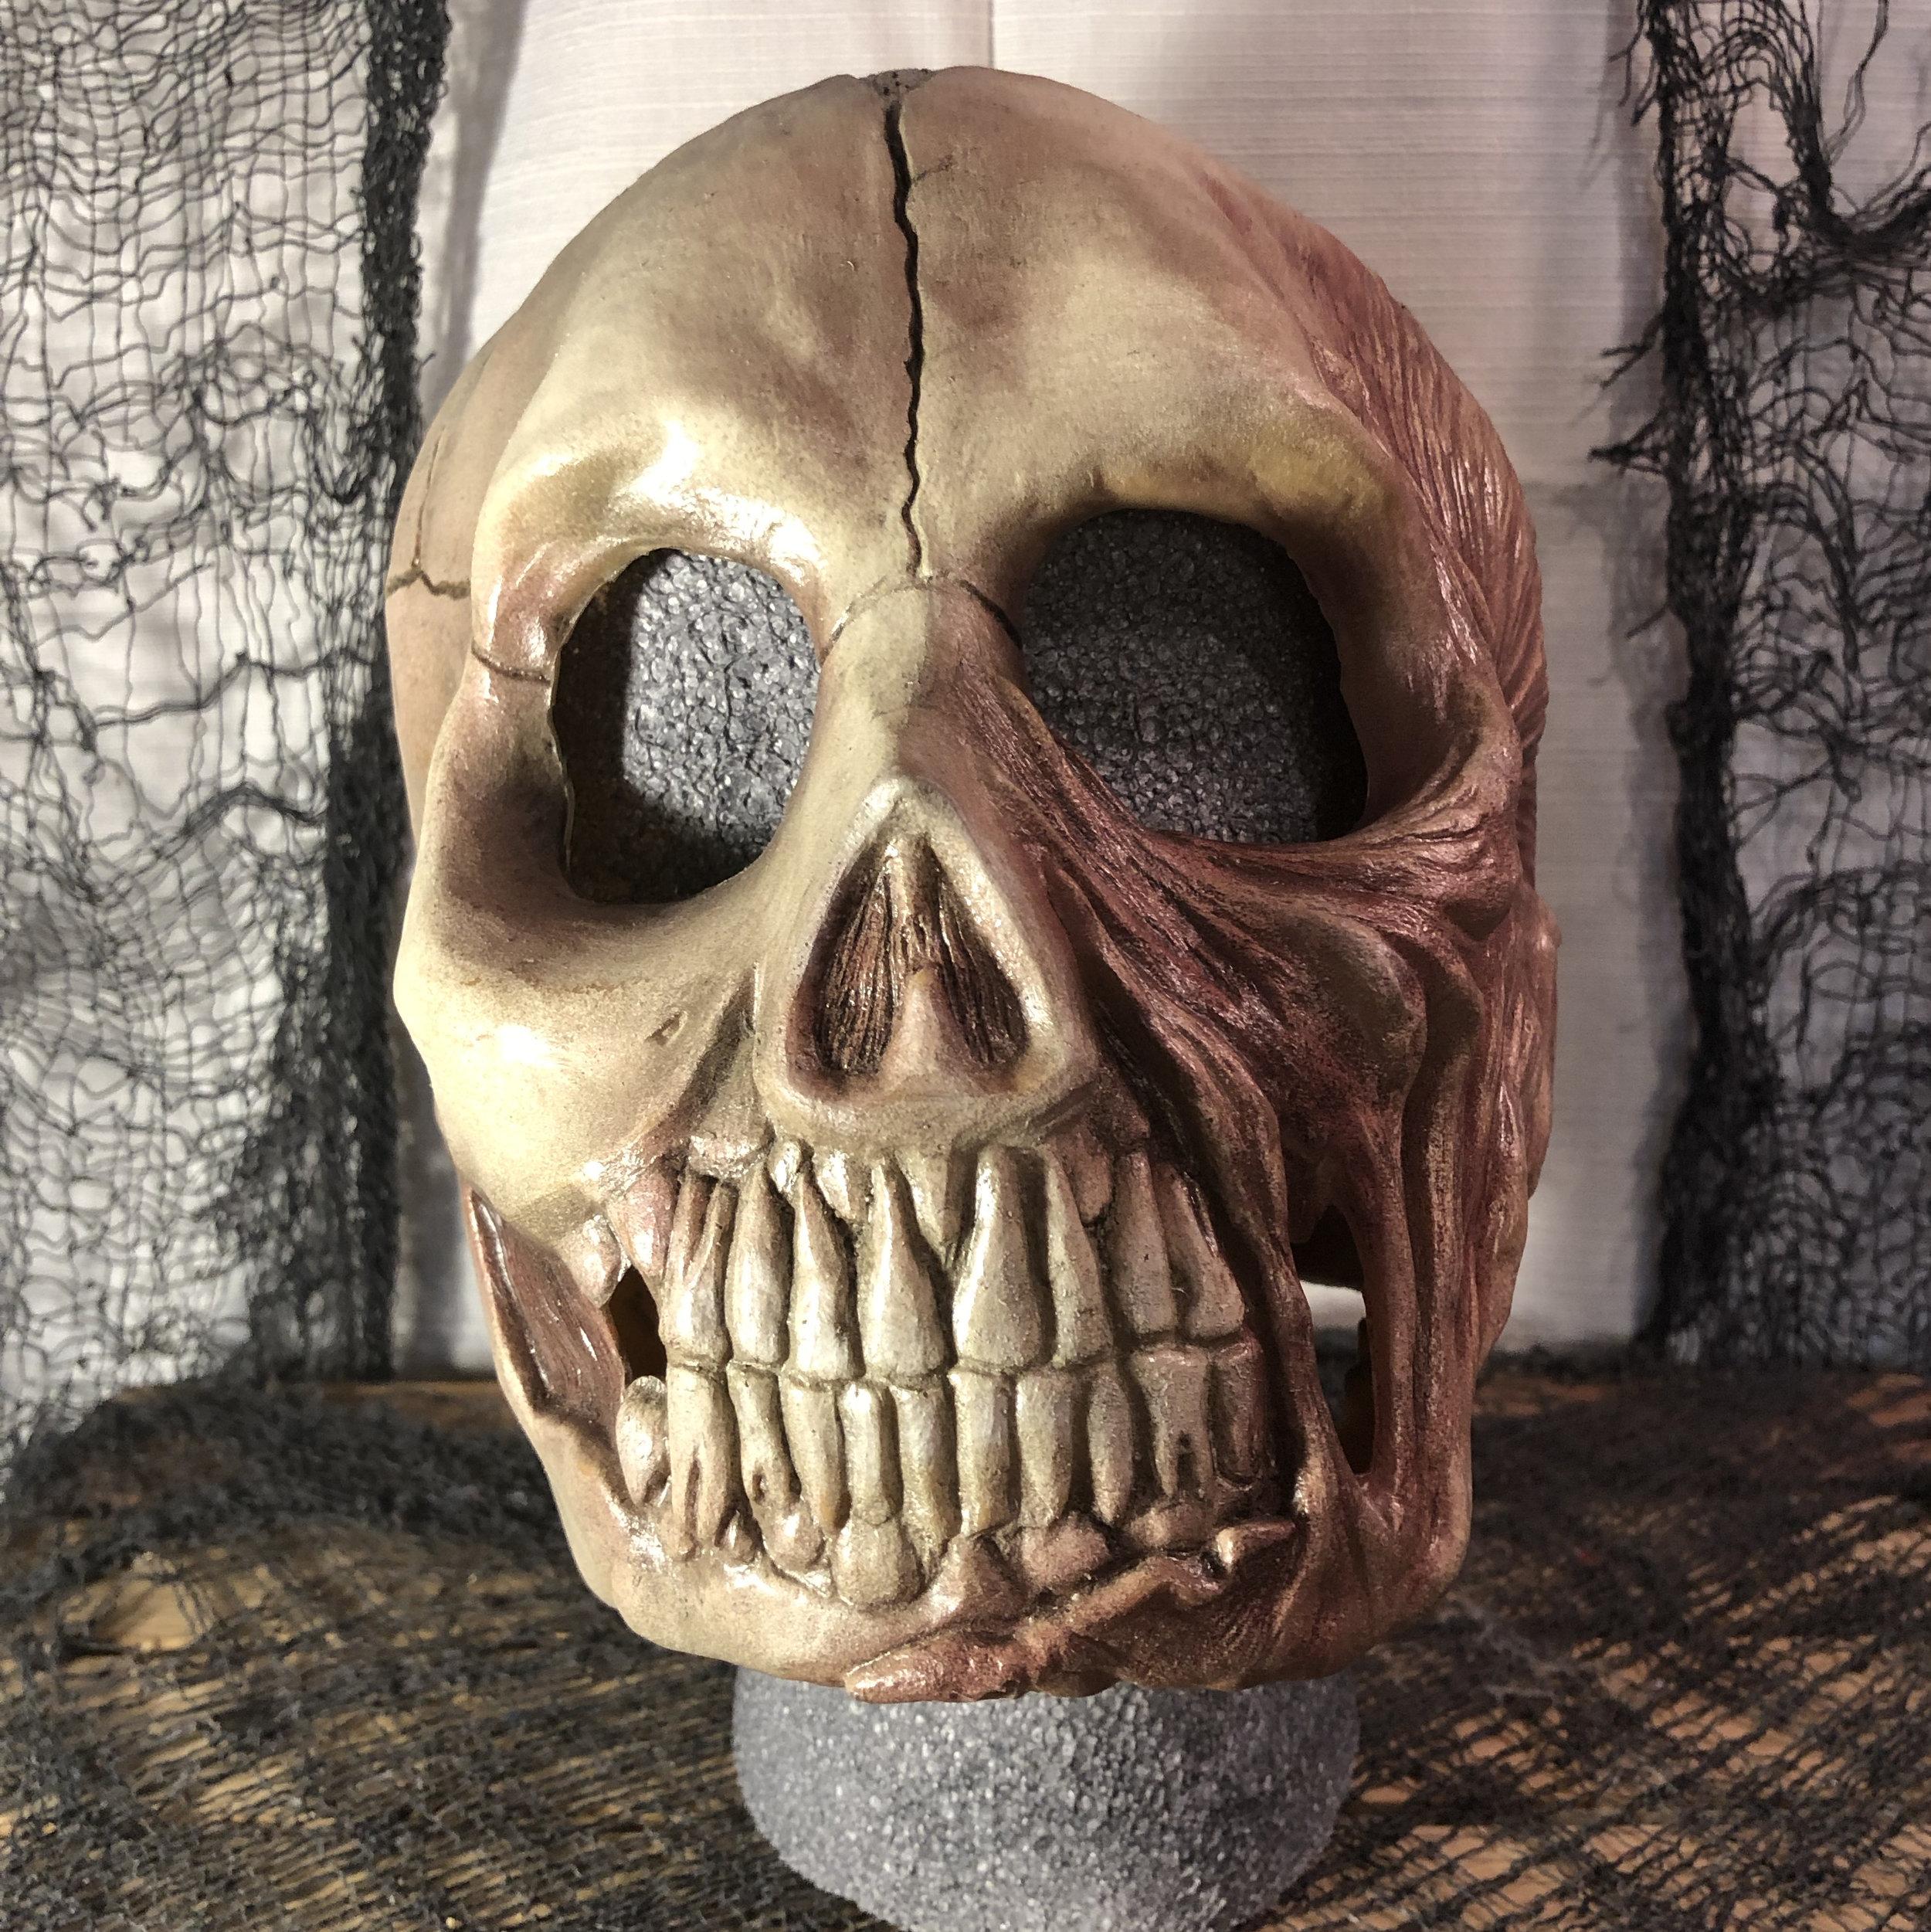 Skin & Bones  $125.00  Full Coverage Mask  100% Natural Latex Mask